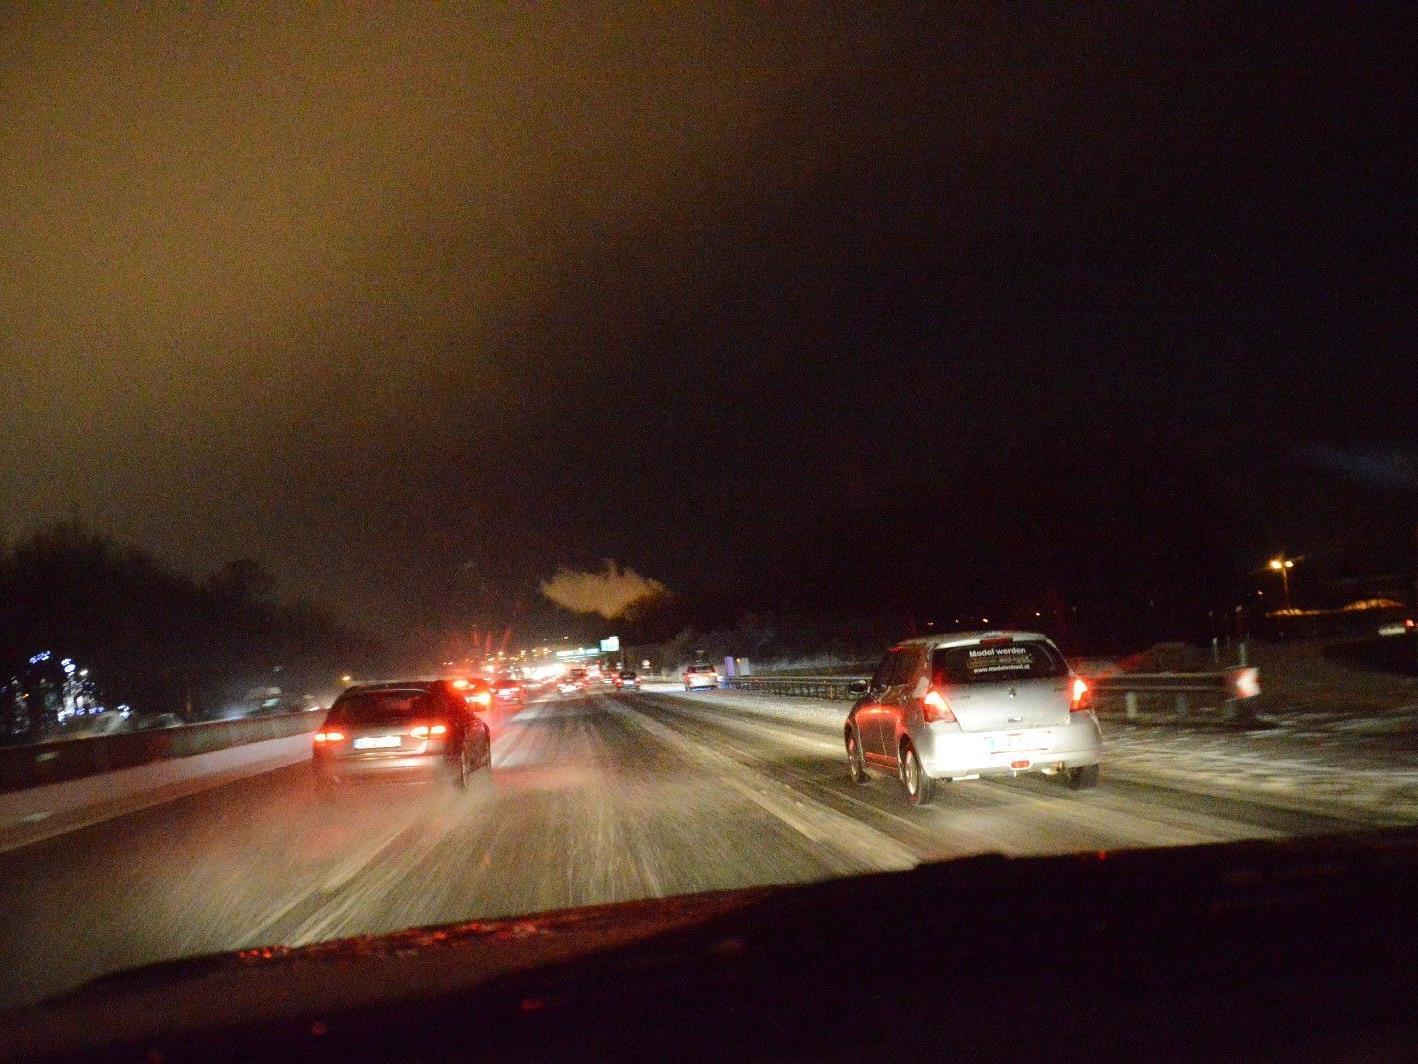 Aufgrund der winterlichen Straßenverhältnisse ereigneten sich zahlreiche Verkehrsunfälle.